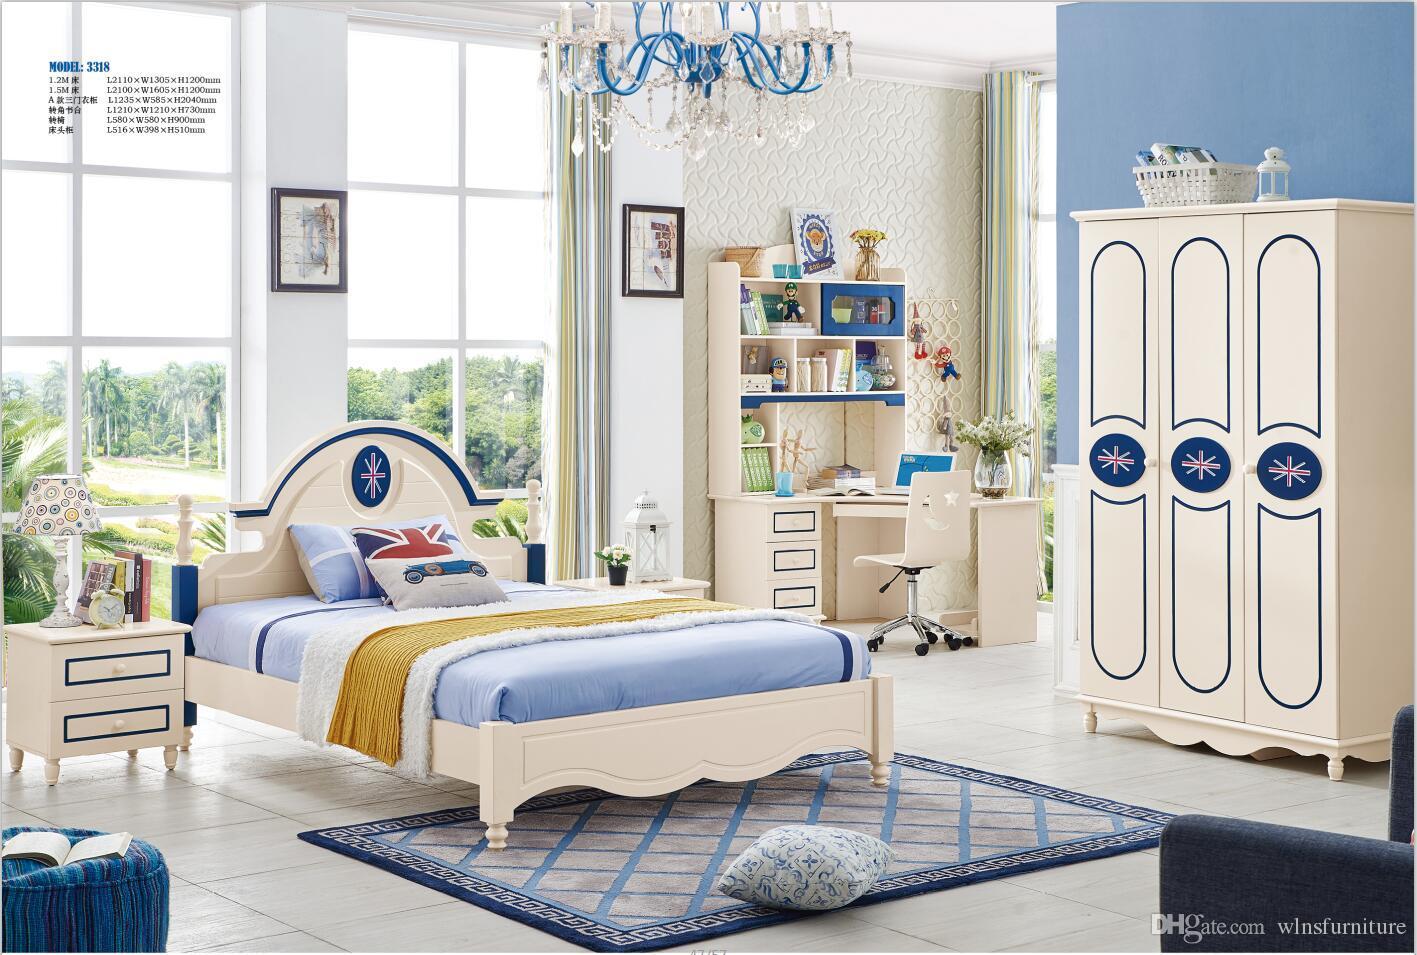 Mobili da letto camera da letto per bambini in legno massello di frassino  set moda moderna per bambini letto armadio scrivania comodino